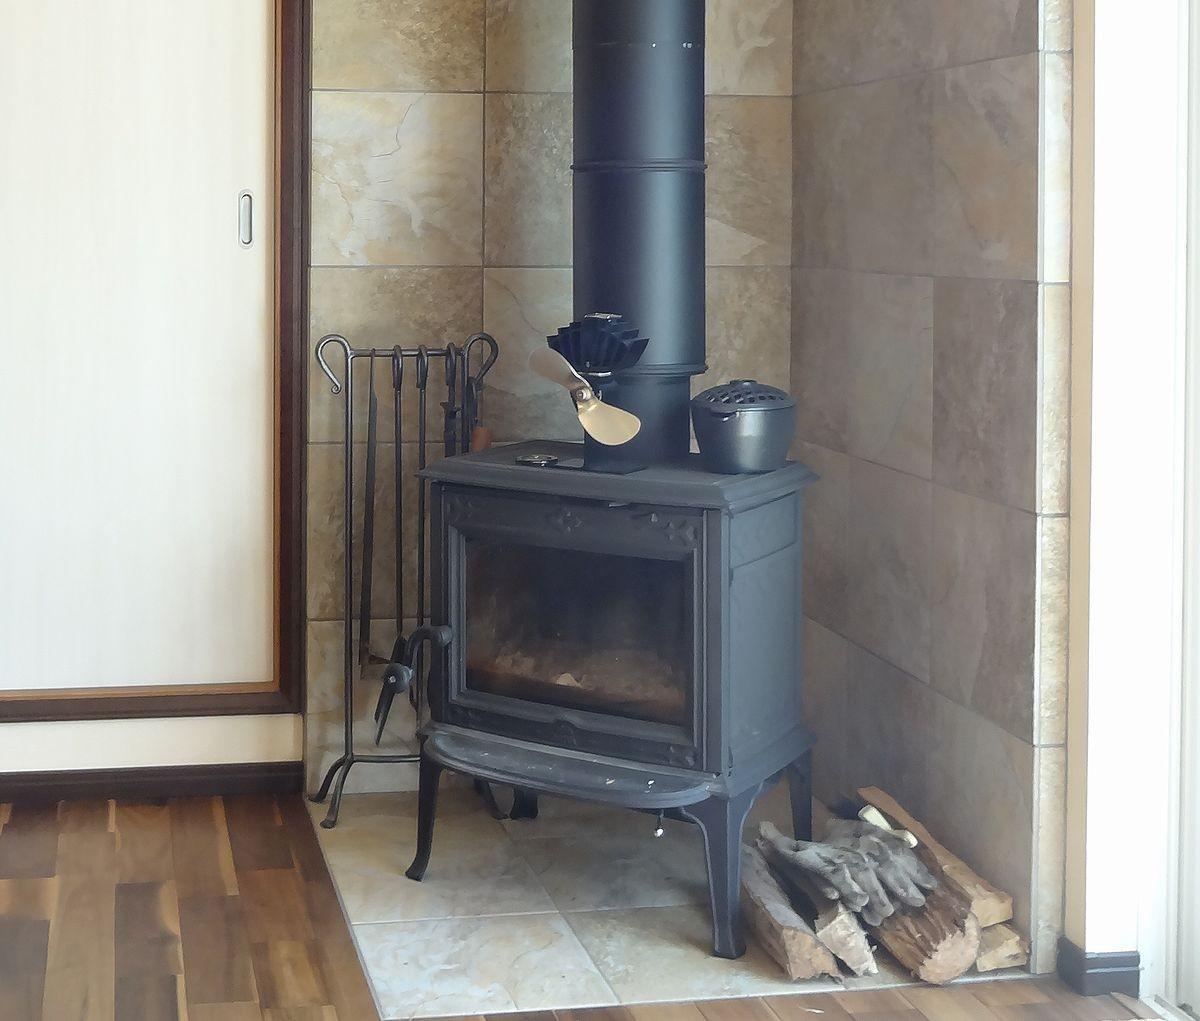 リビングダイニング事例:暖炉の周囲はタイル貼りに(時代家具と暖炉のある和モダンな住まい)